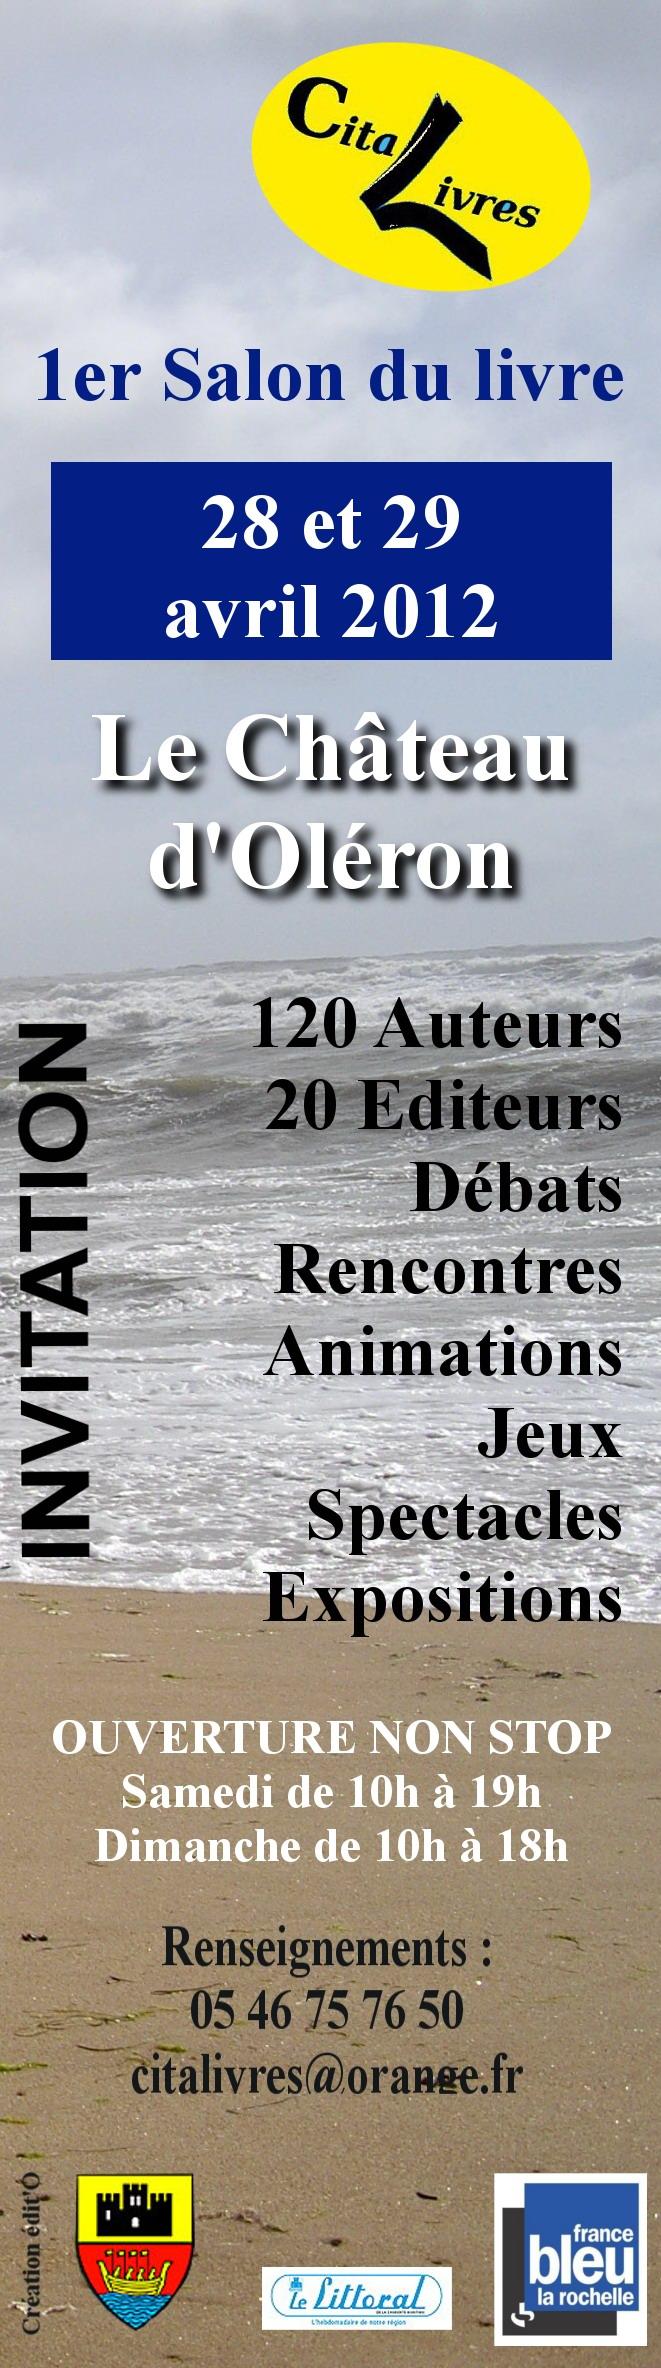 Marque page Cita'Livres du château d'Oléron